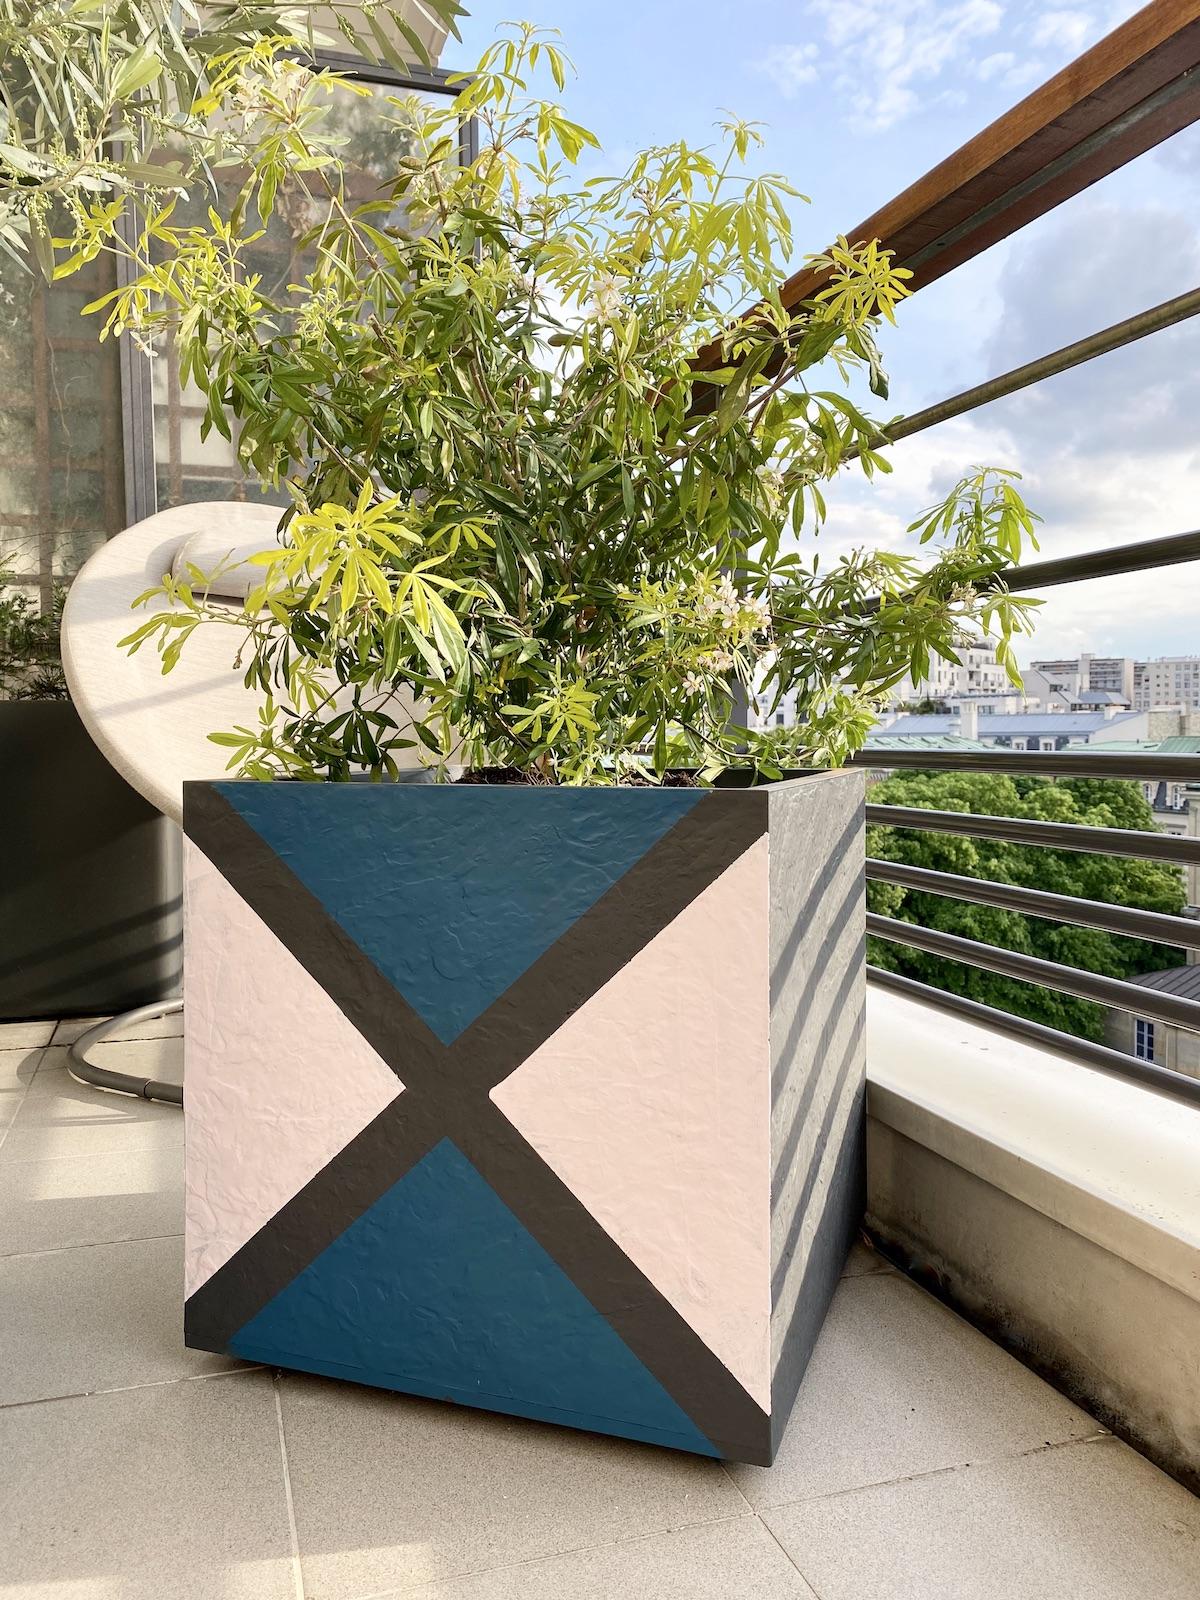 cache pot diy peinture personnalisation balcon aménagement blog création décoration clemaroundthecorner